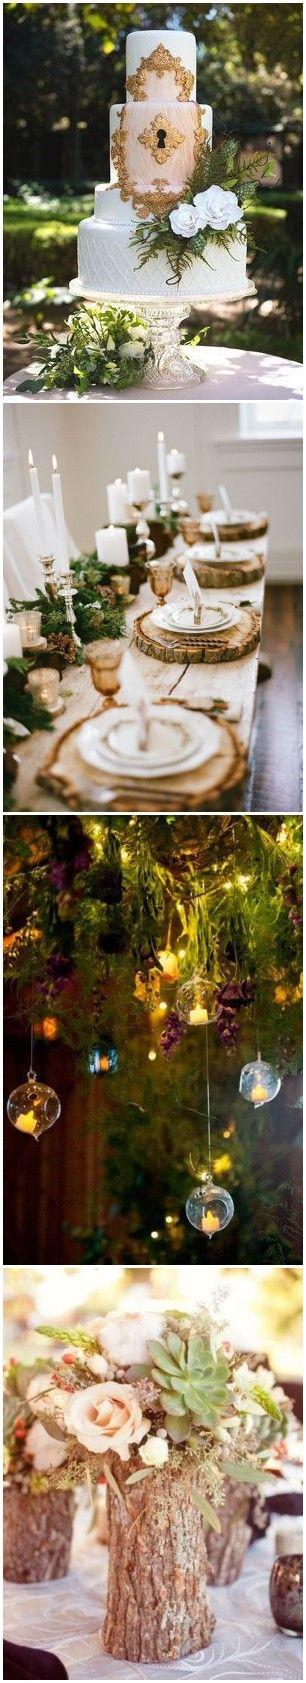 20+ Enchanted Forest Wedding Themed Ideas #wedding